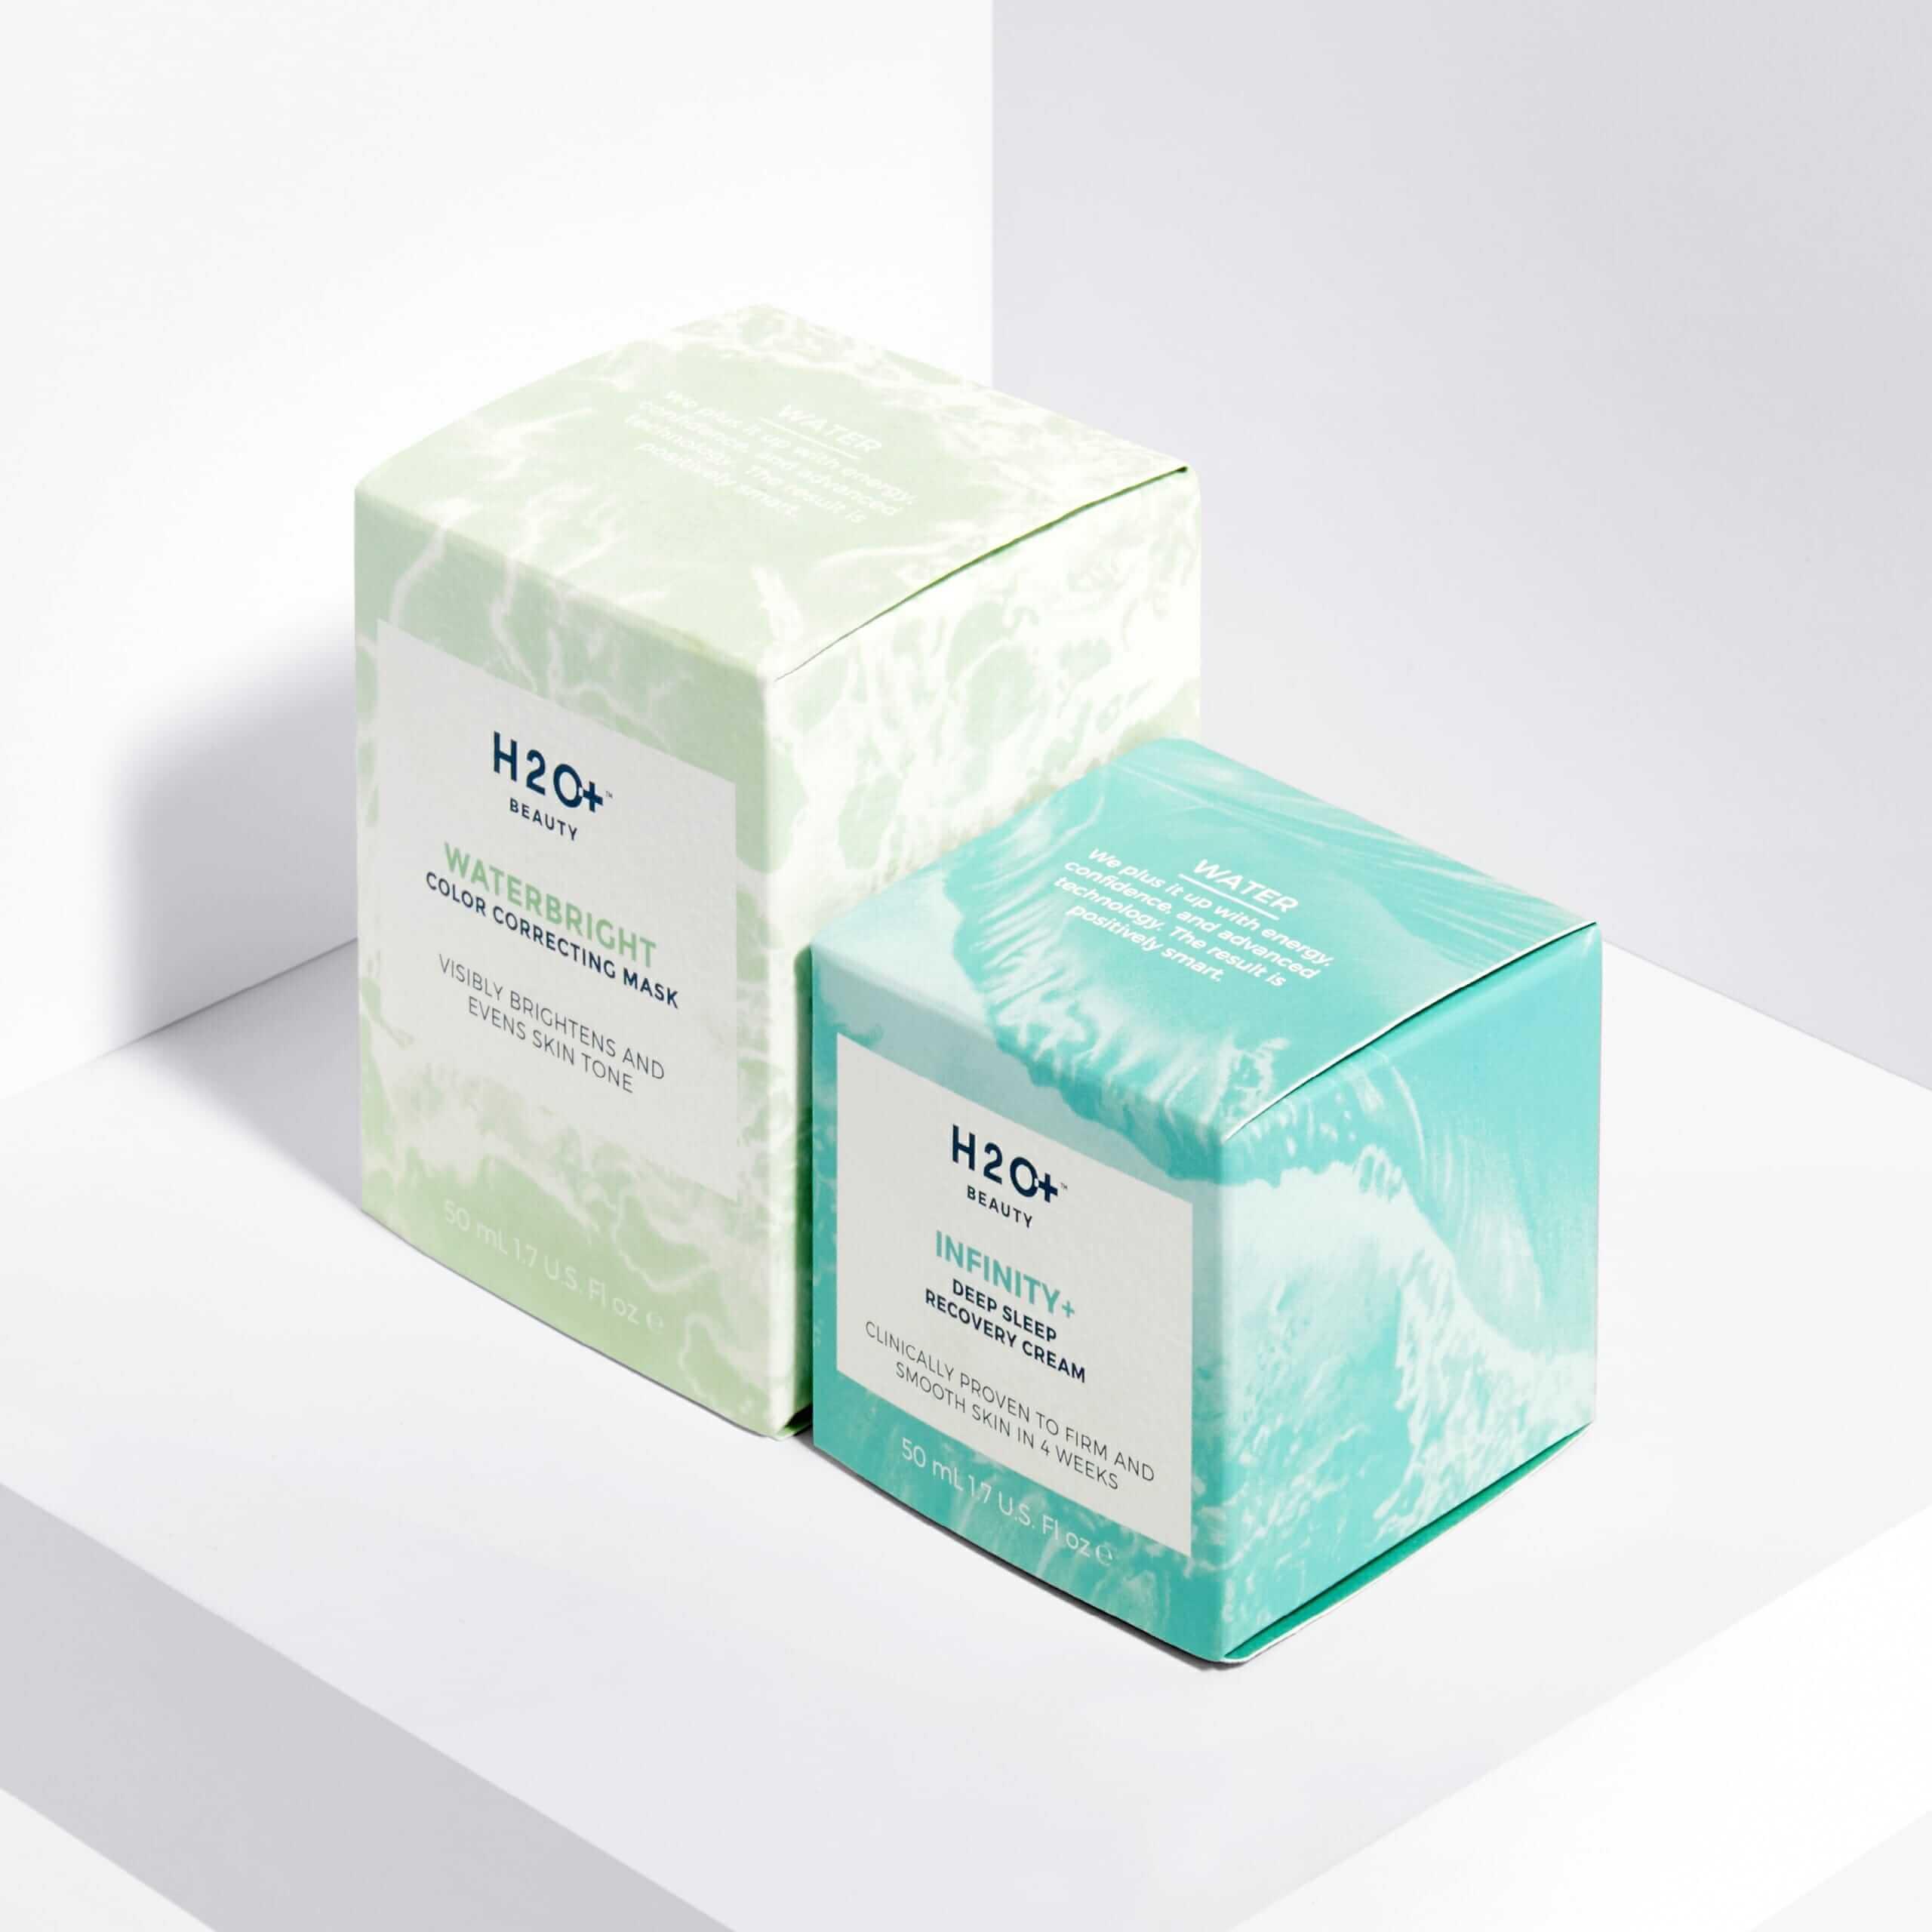 AI_H2O_Packaging_LR_4